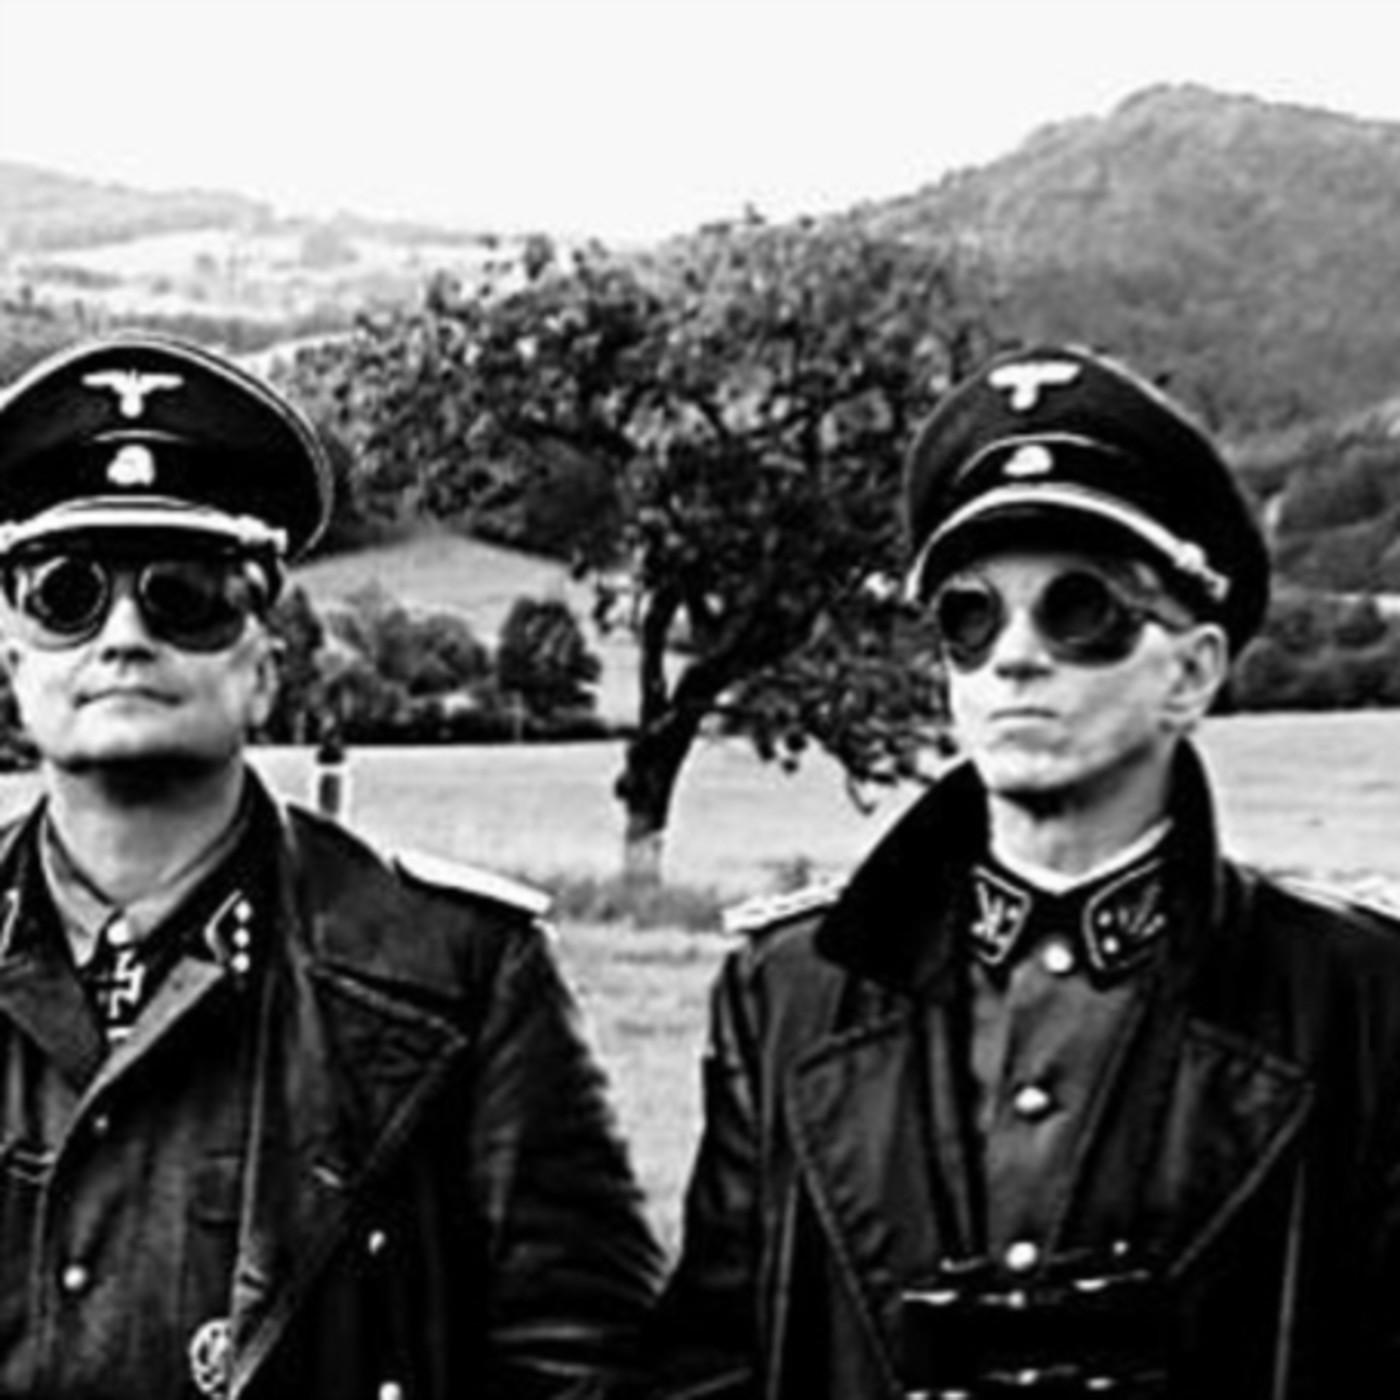 Planeta Zero - 19 - Las bombas atomicas nazis